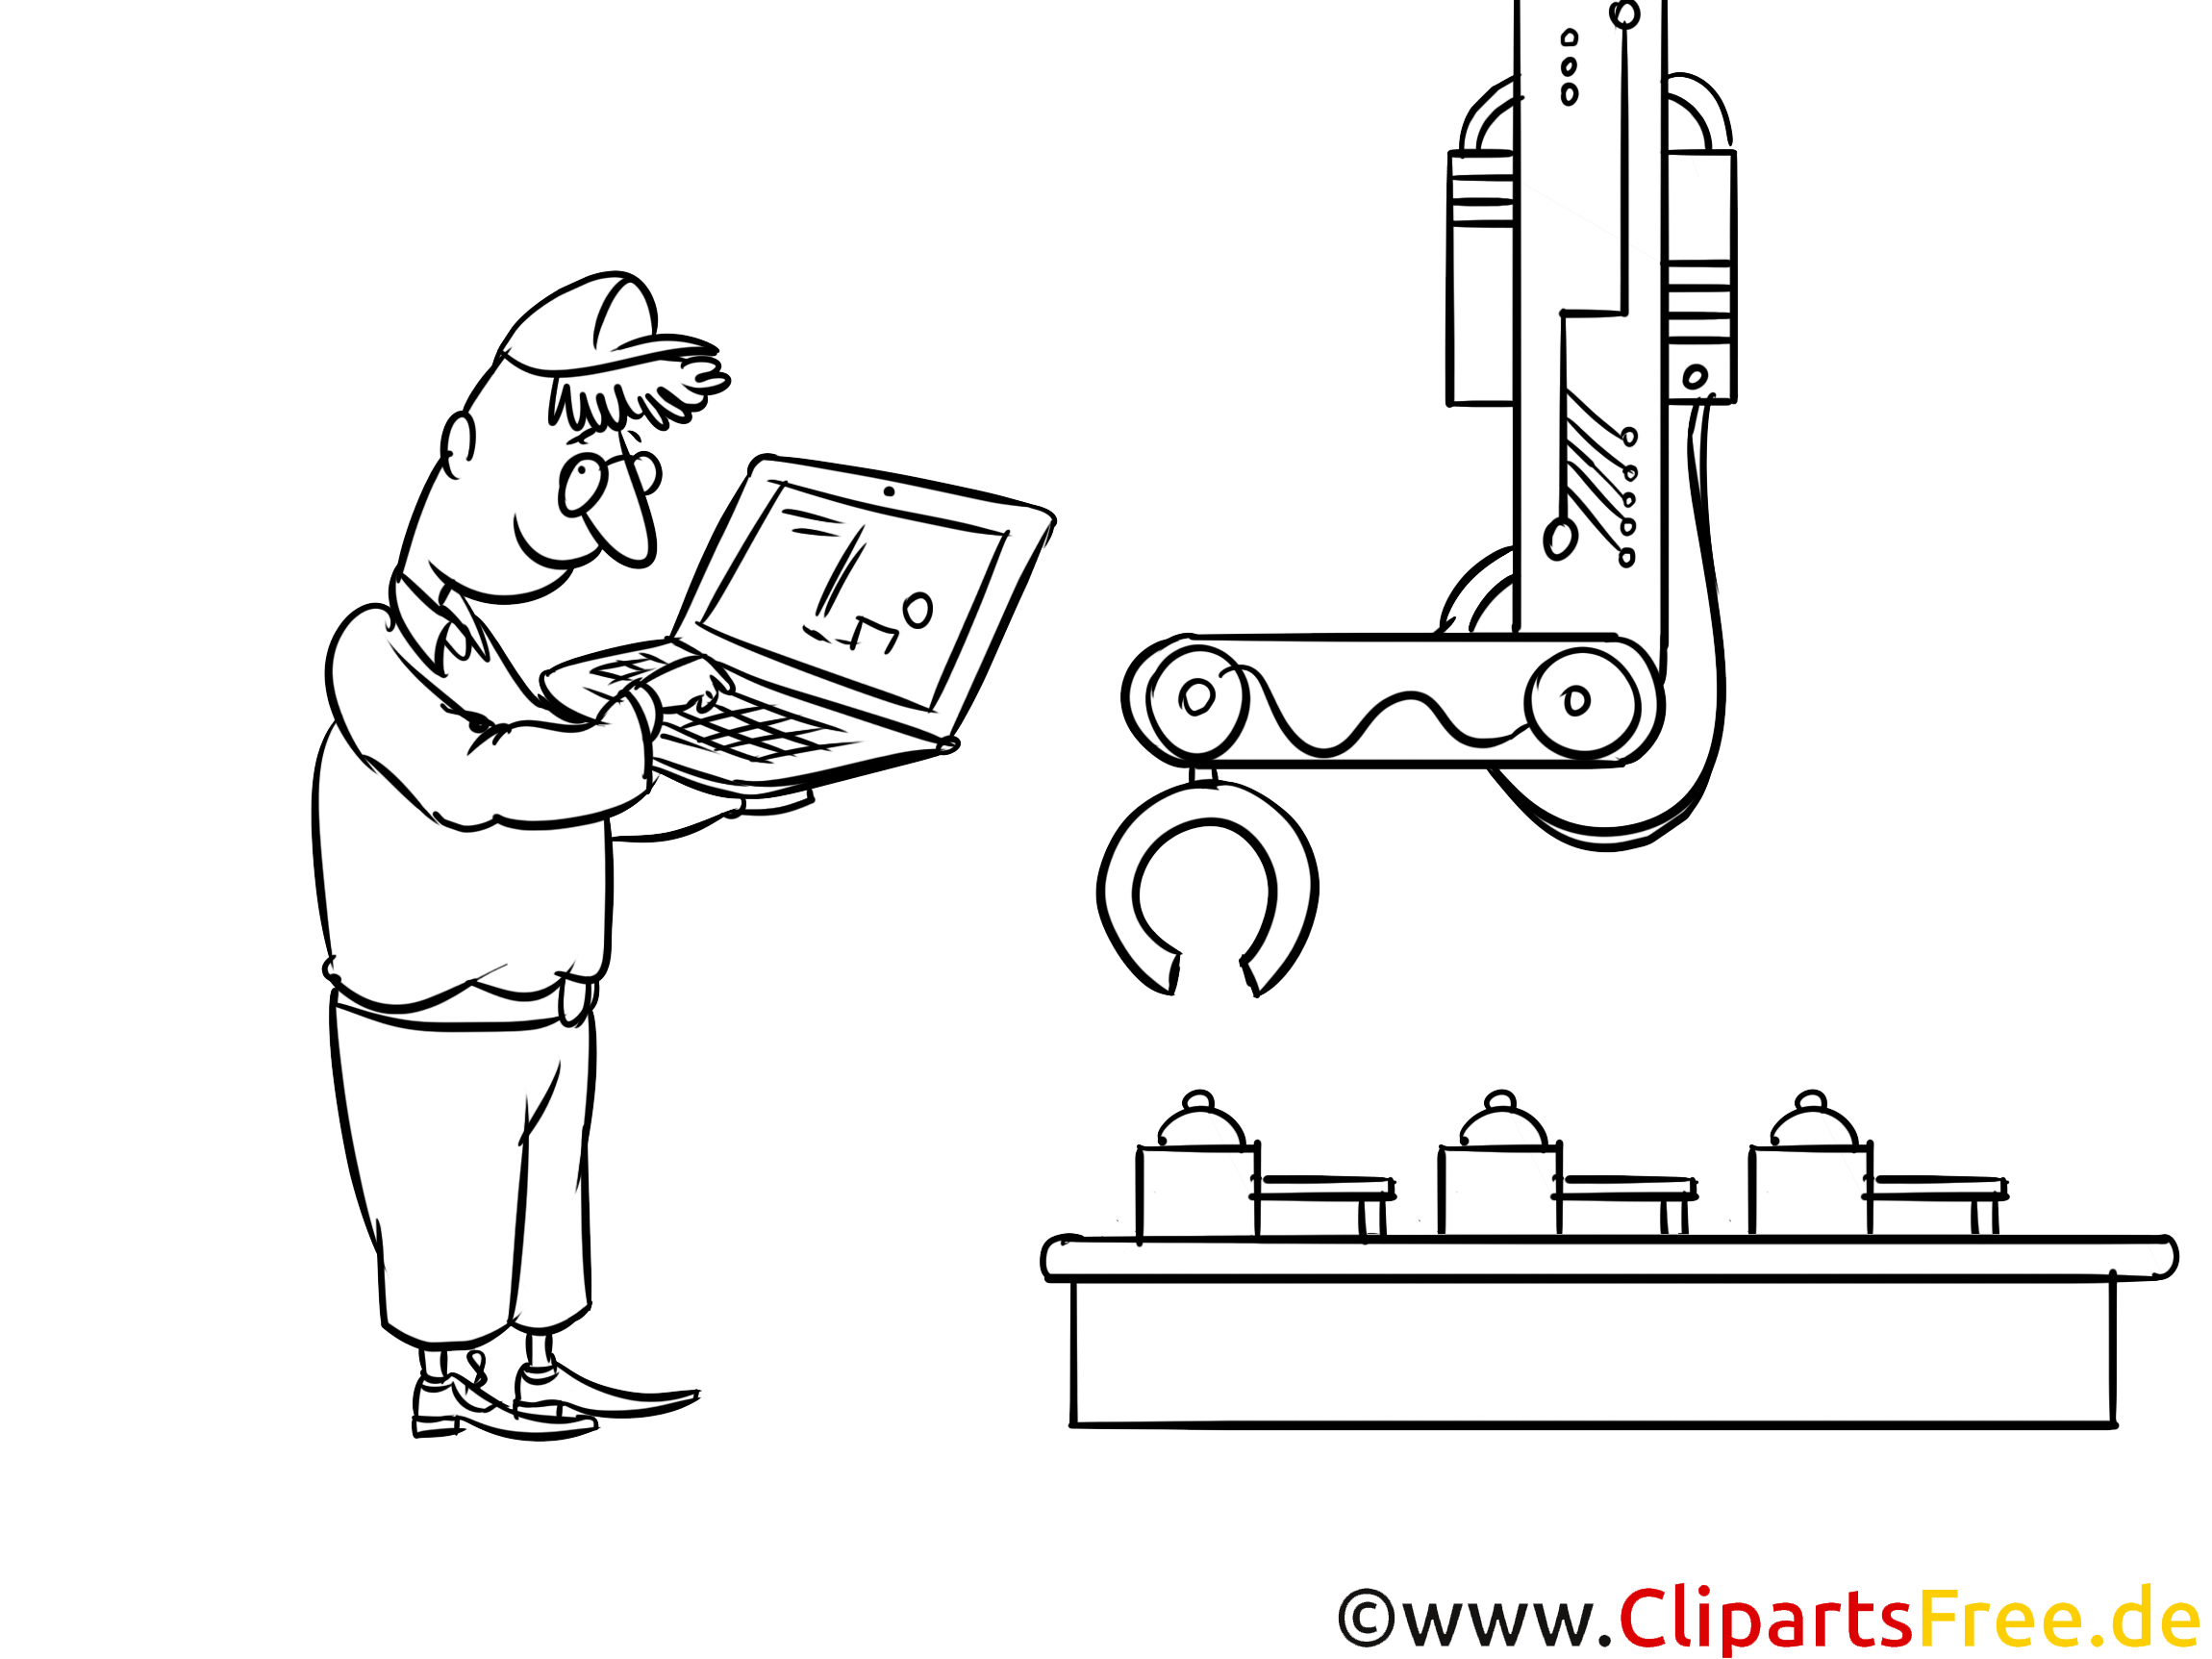 Fabrik, Werk, Band Bild, Illustration, Clipart schwarz-weiß zum Ausmalen